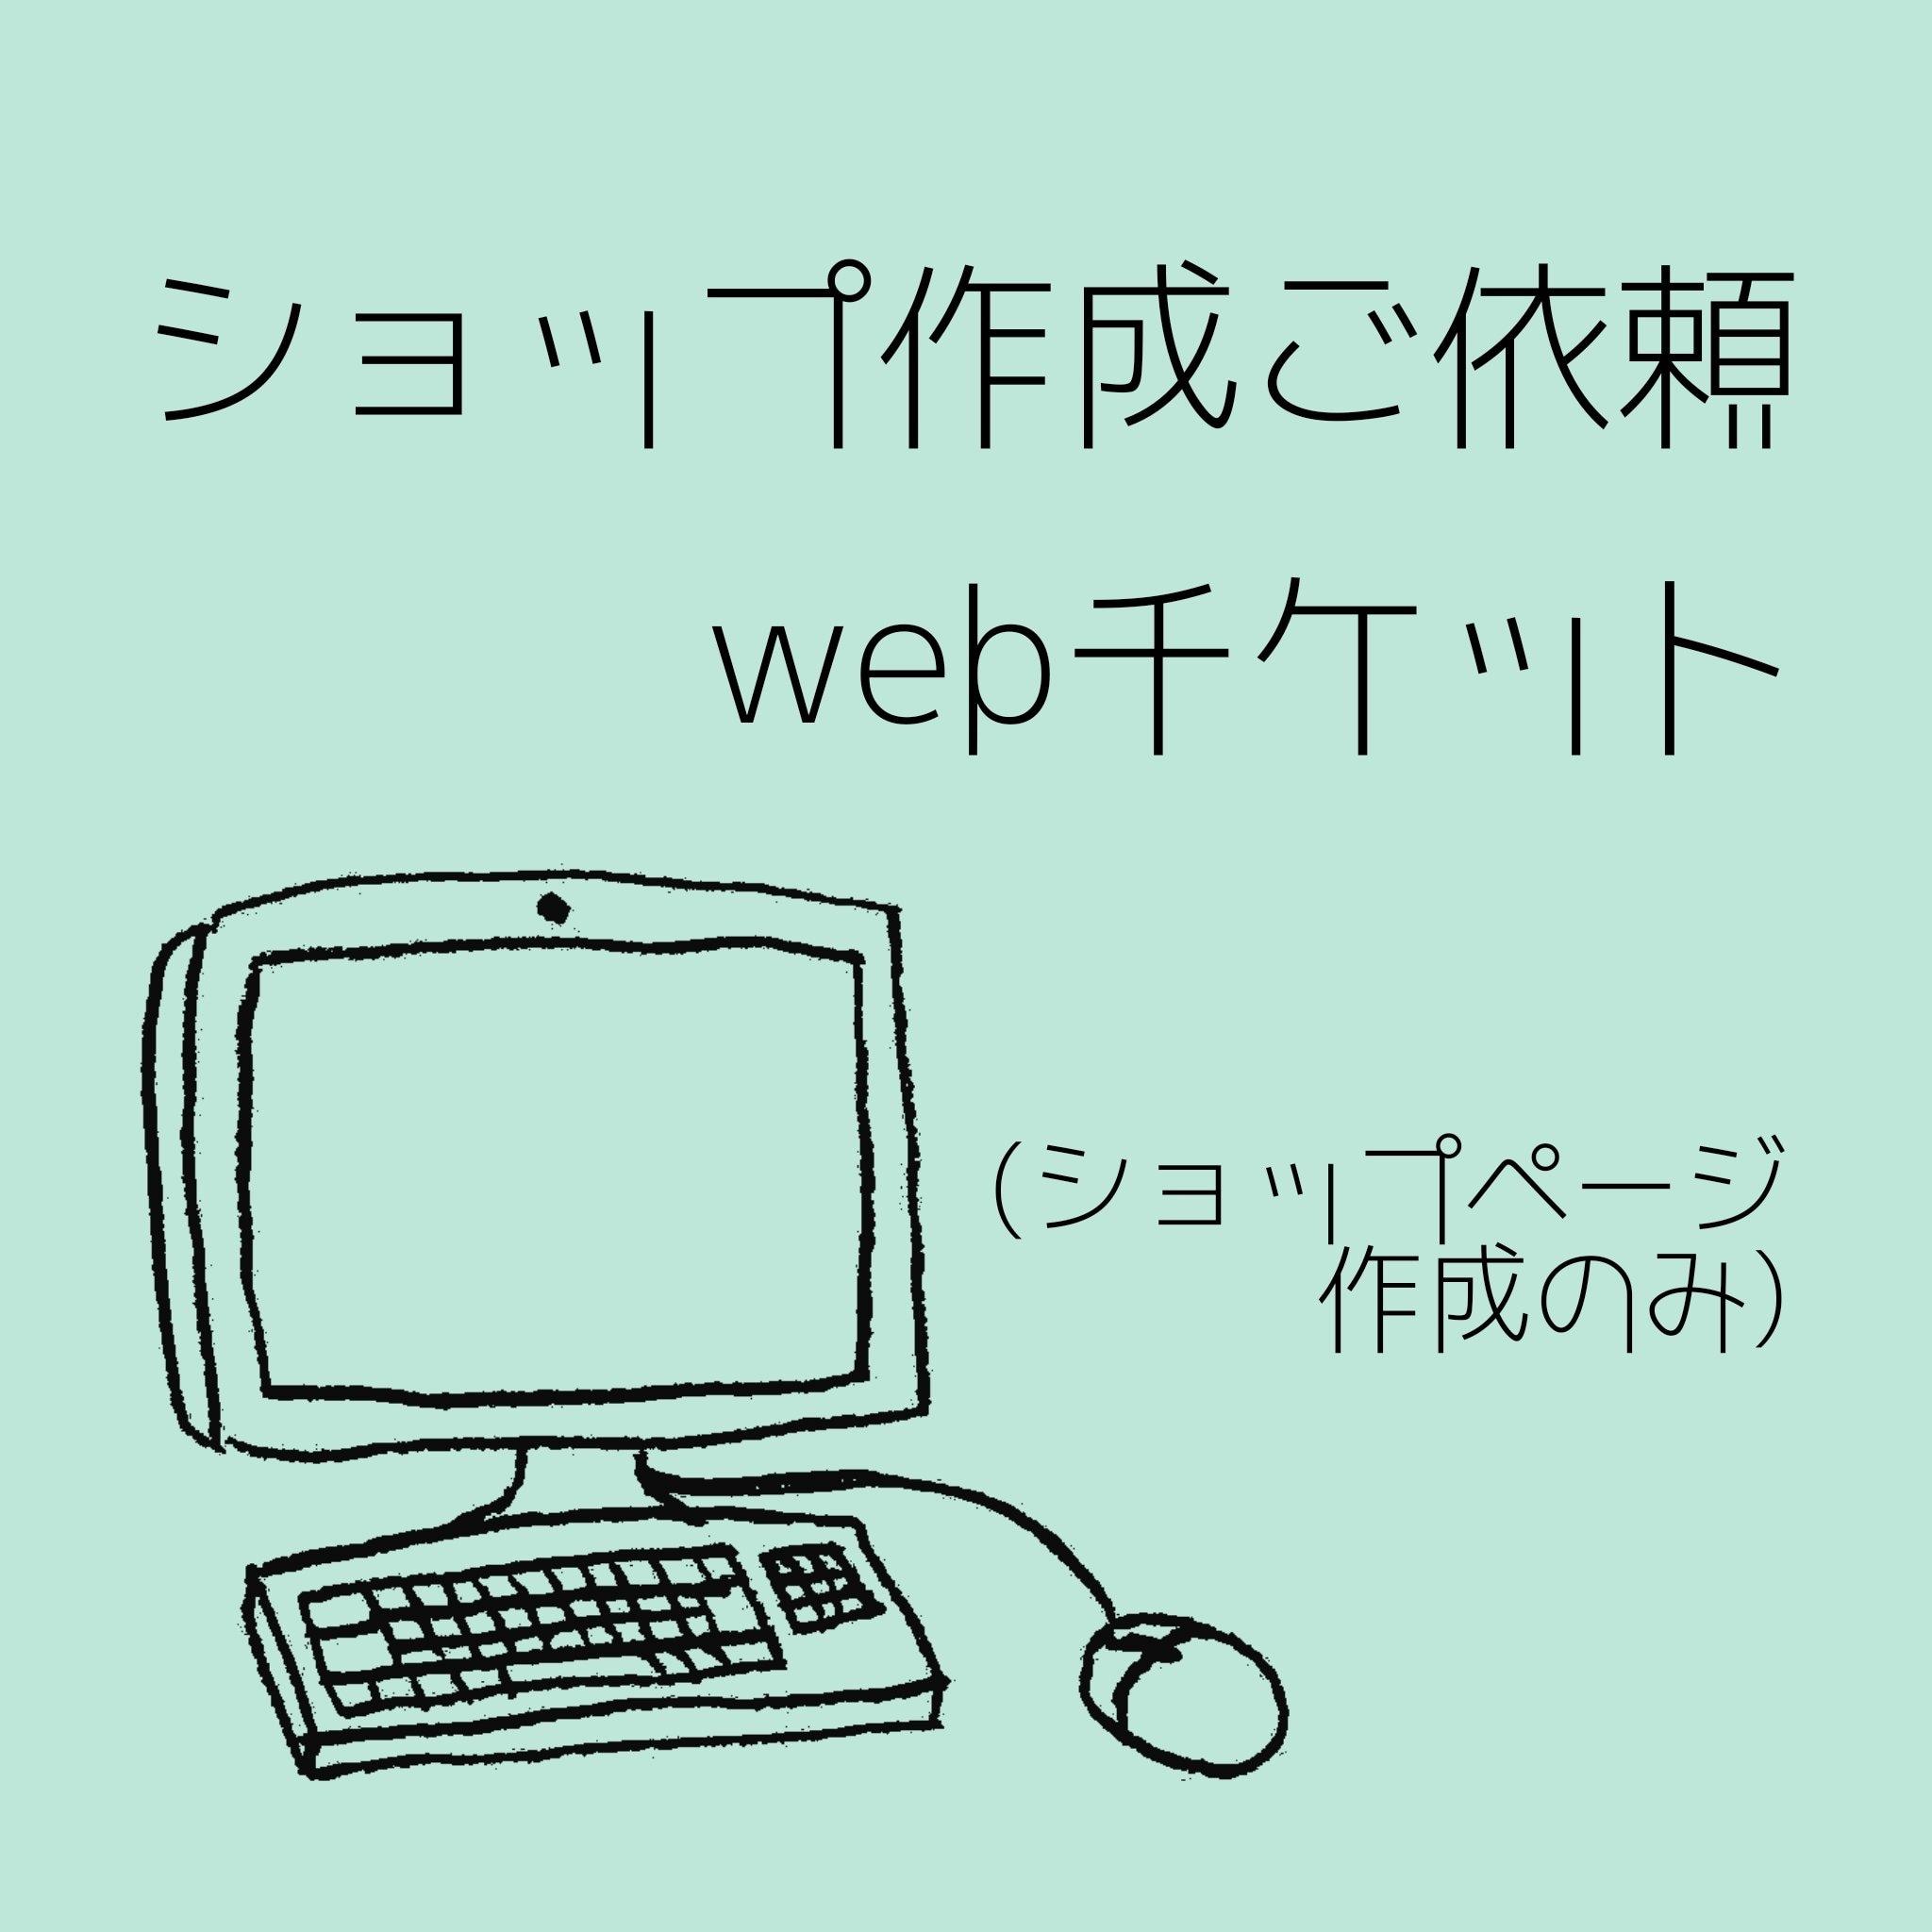 ショップ作成ご依頼webチケット(ショップページ作成のみ)のイメージその1